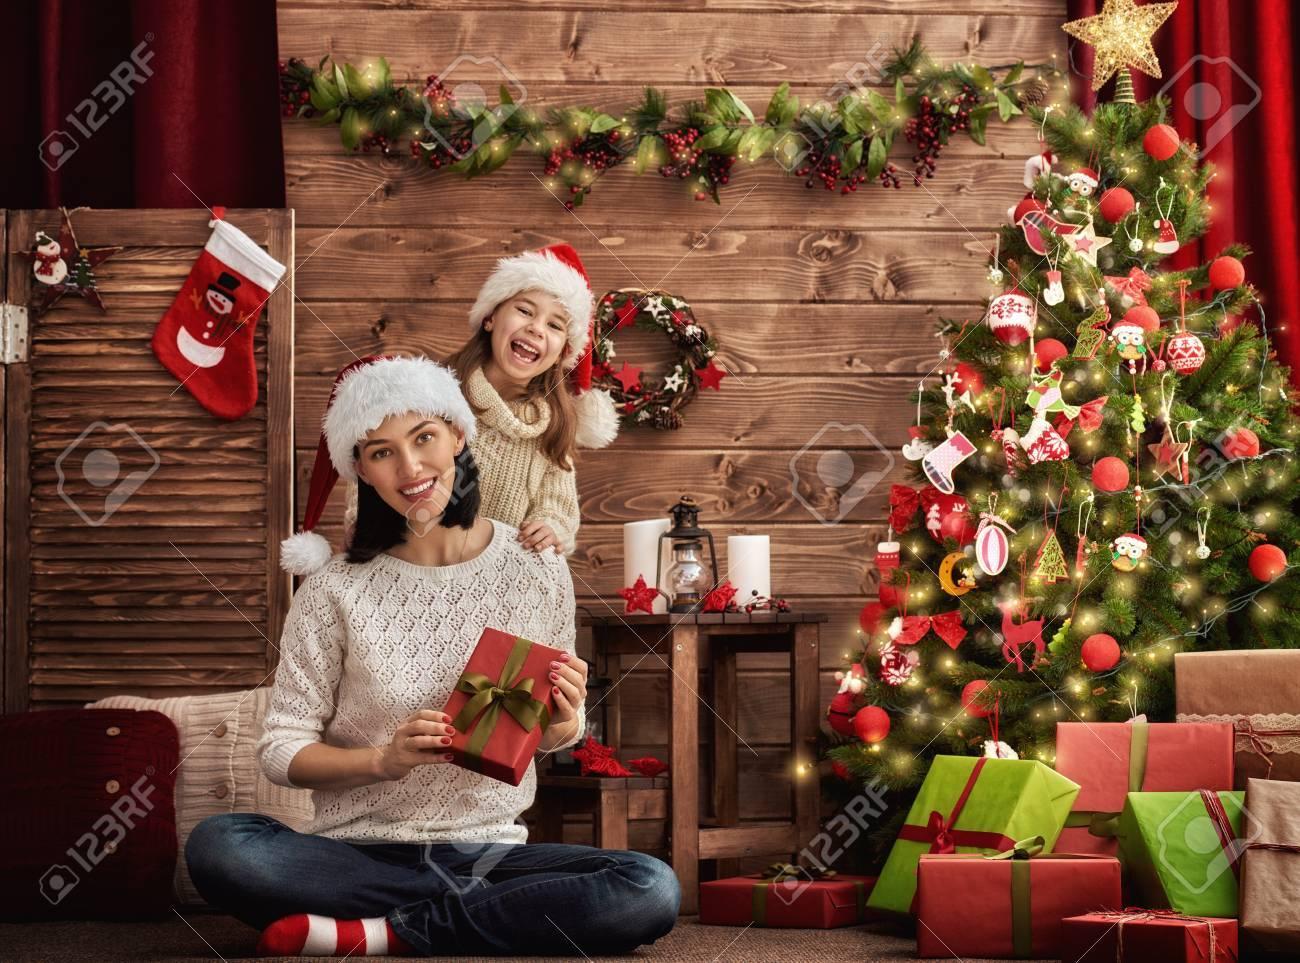 Fröhliche Weihnachten! Mutter und ihre Tochter Kind Mädchen Weihnachtsgeschenke austauschen